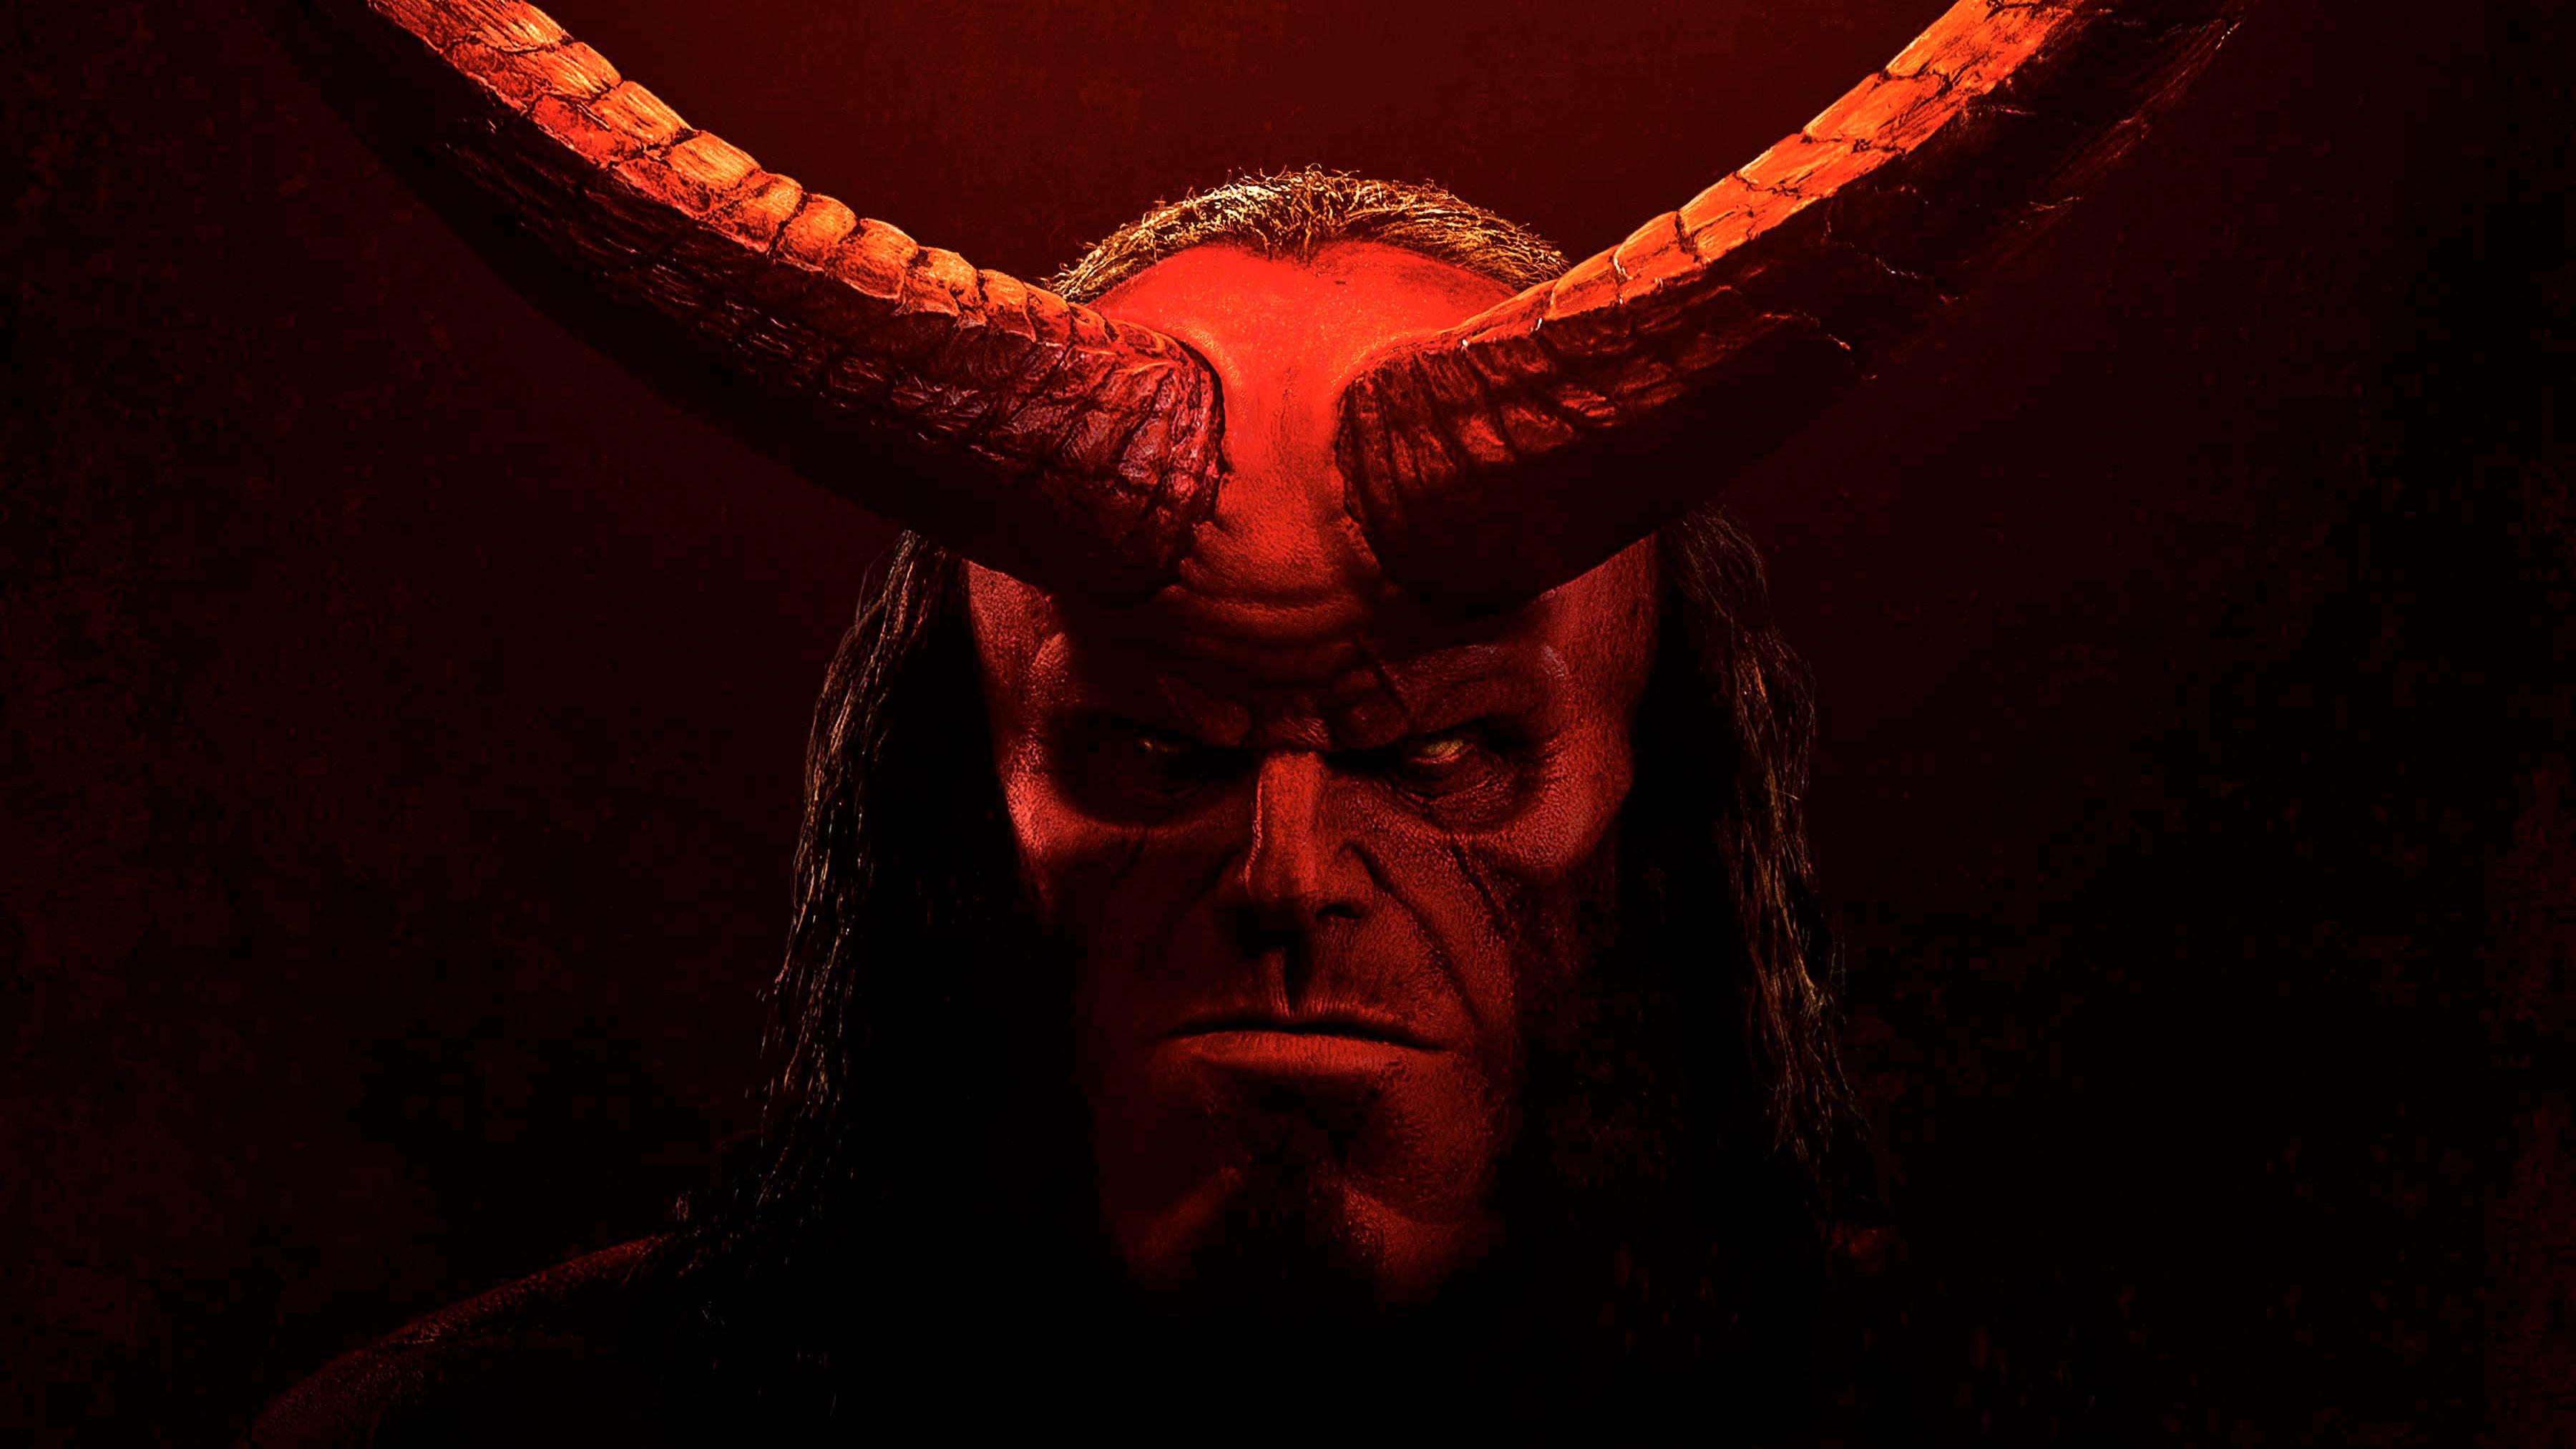 hellboy movie 2019 4k 1545866158 - Hellboy Movie 2019 4k - movies wallpapers, hellboy wallpapers, hd-wallpapers, 4k-wallpapers, 2019 movies wallpapers